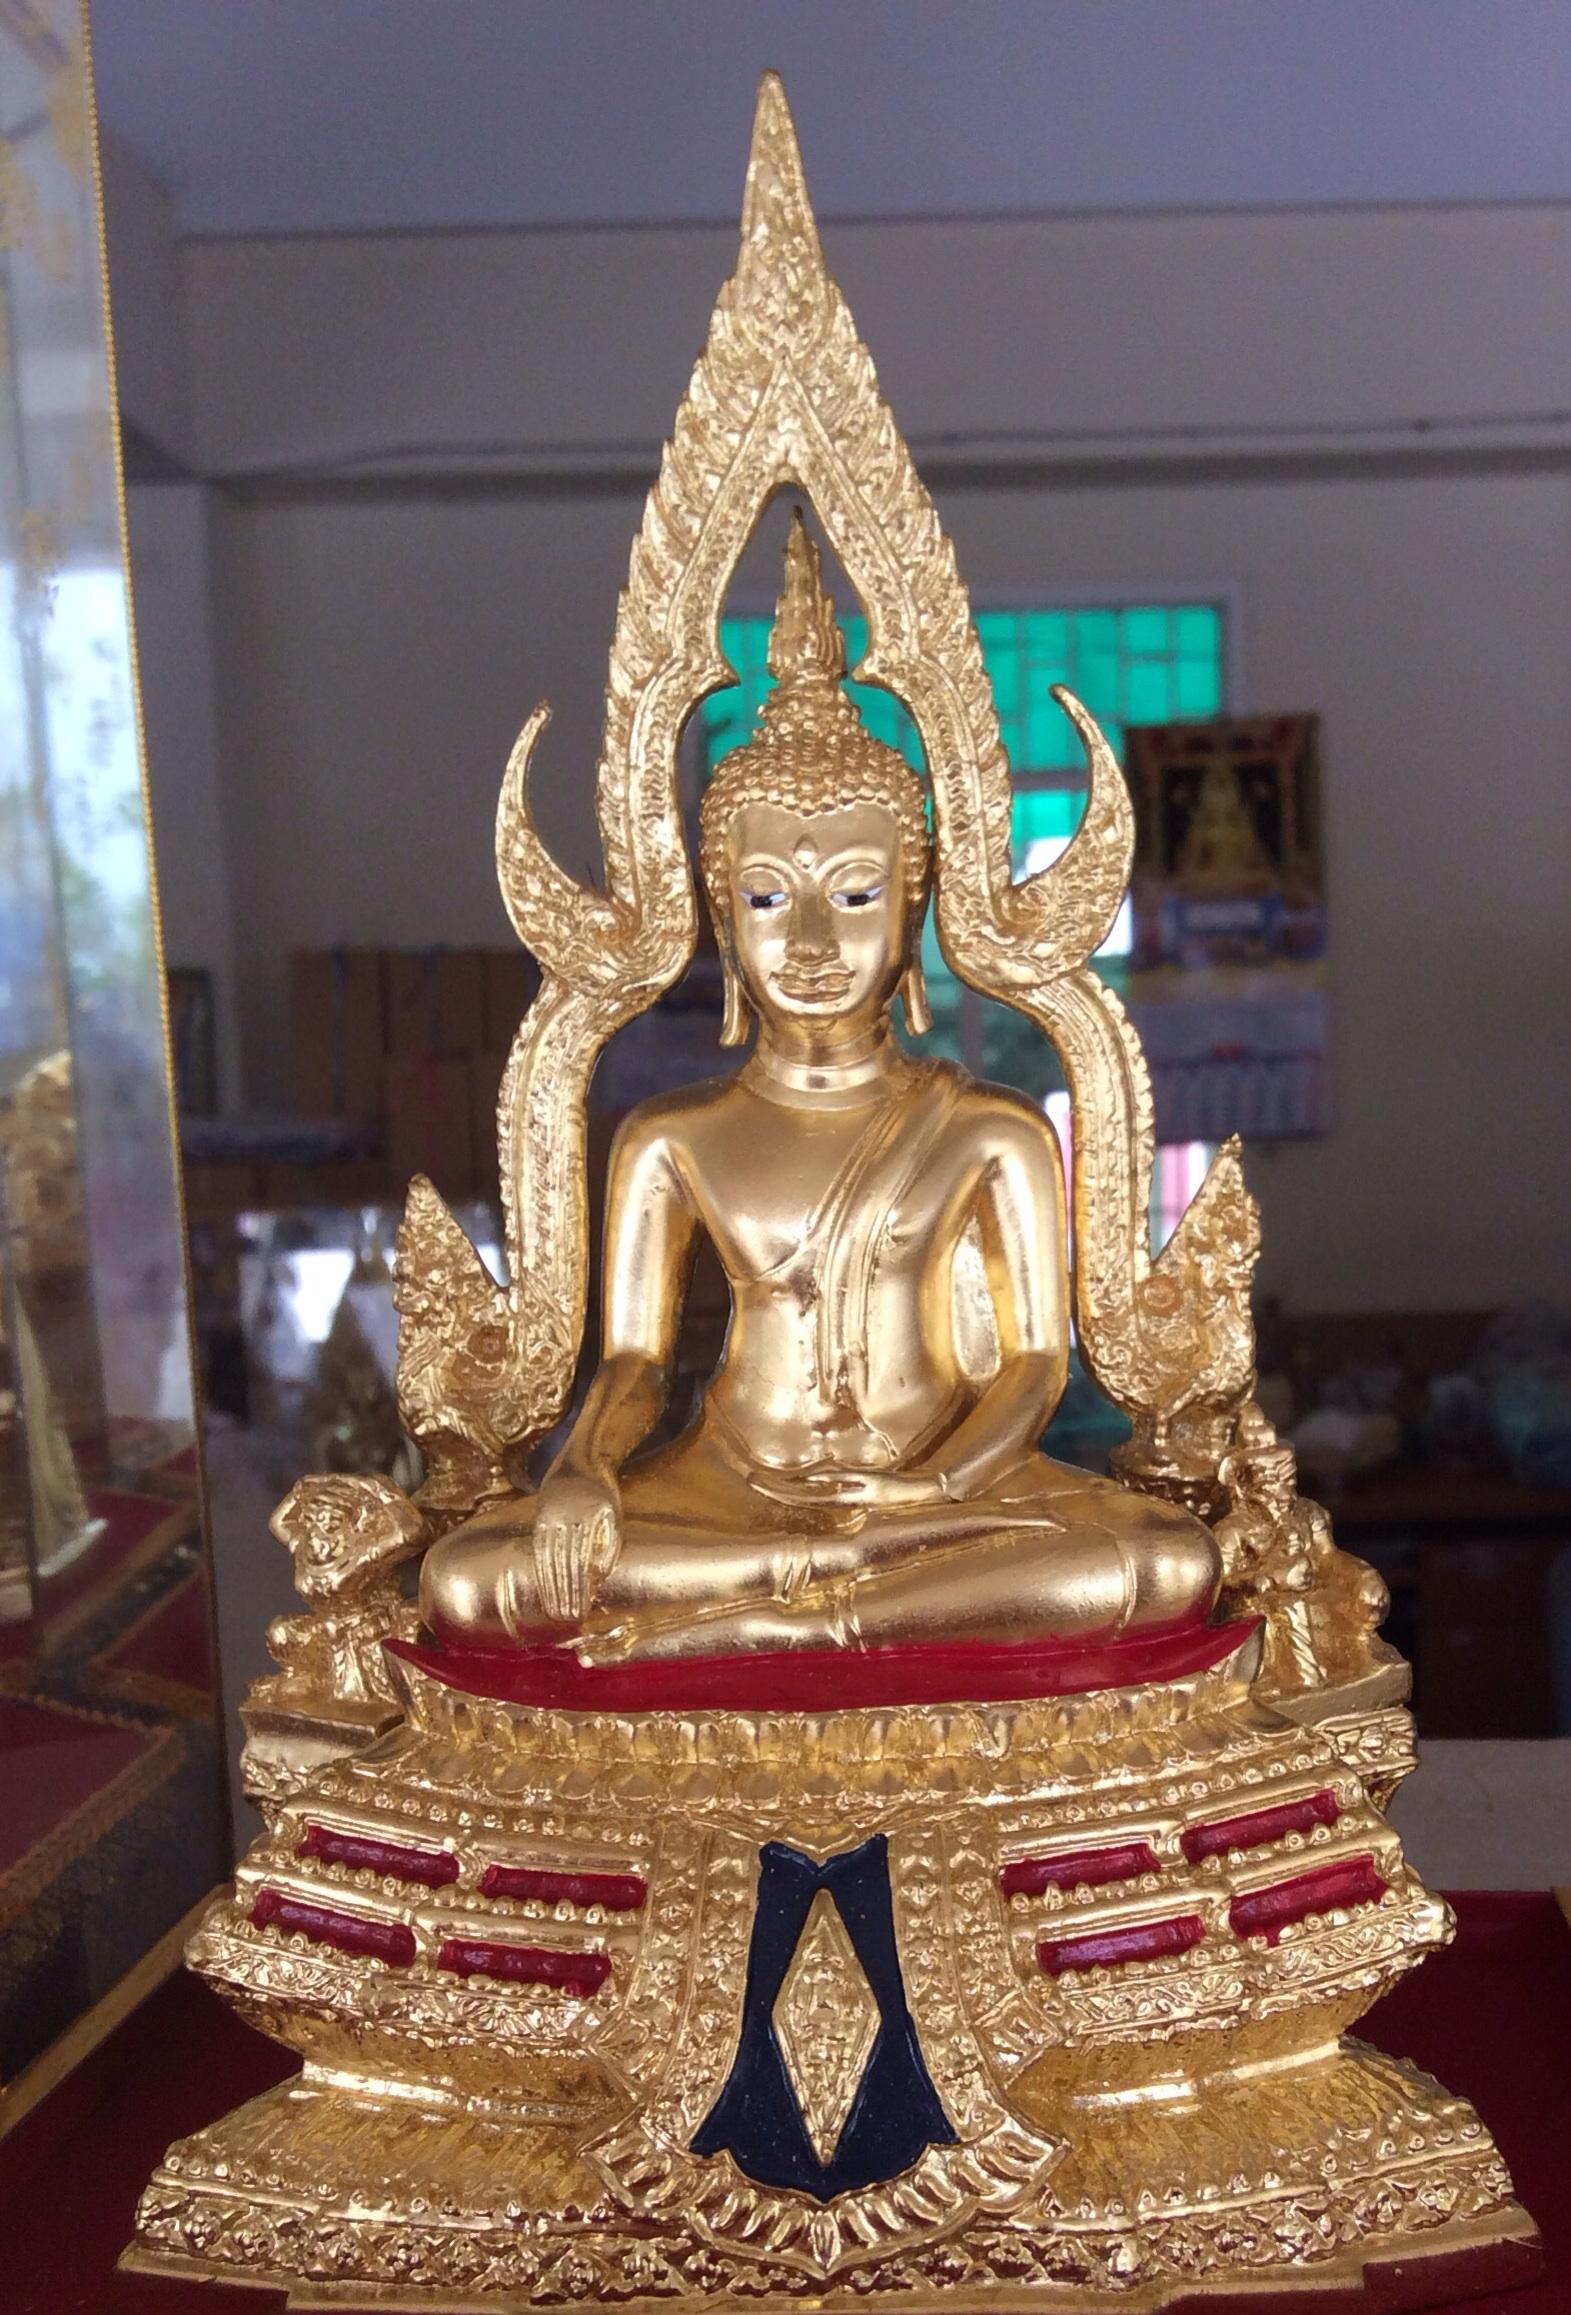 พระพุทธชินราชเ3นิ้ว ทองเหลืองปิดทองหน้าตัก 3 นิ้ว ออกโดยวัดใหญ่พิษณุโลก รหัส0156